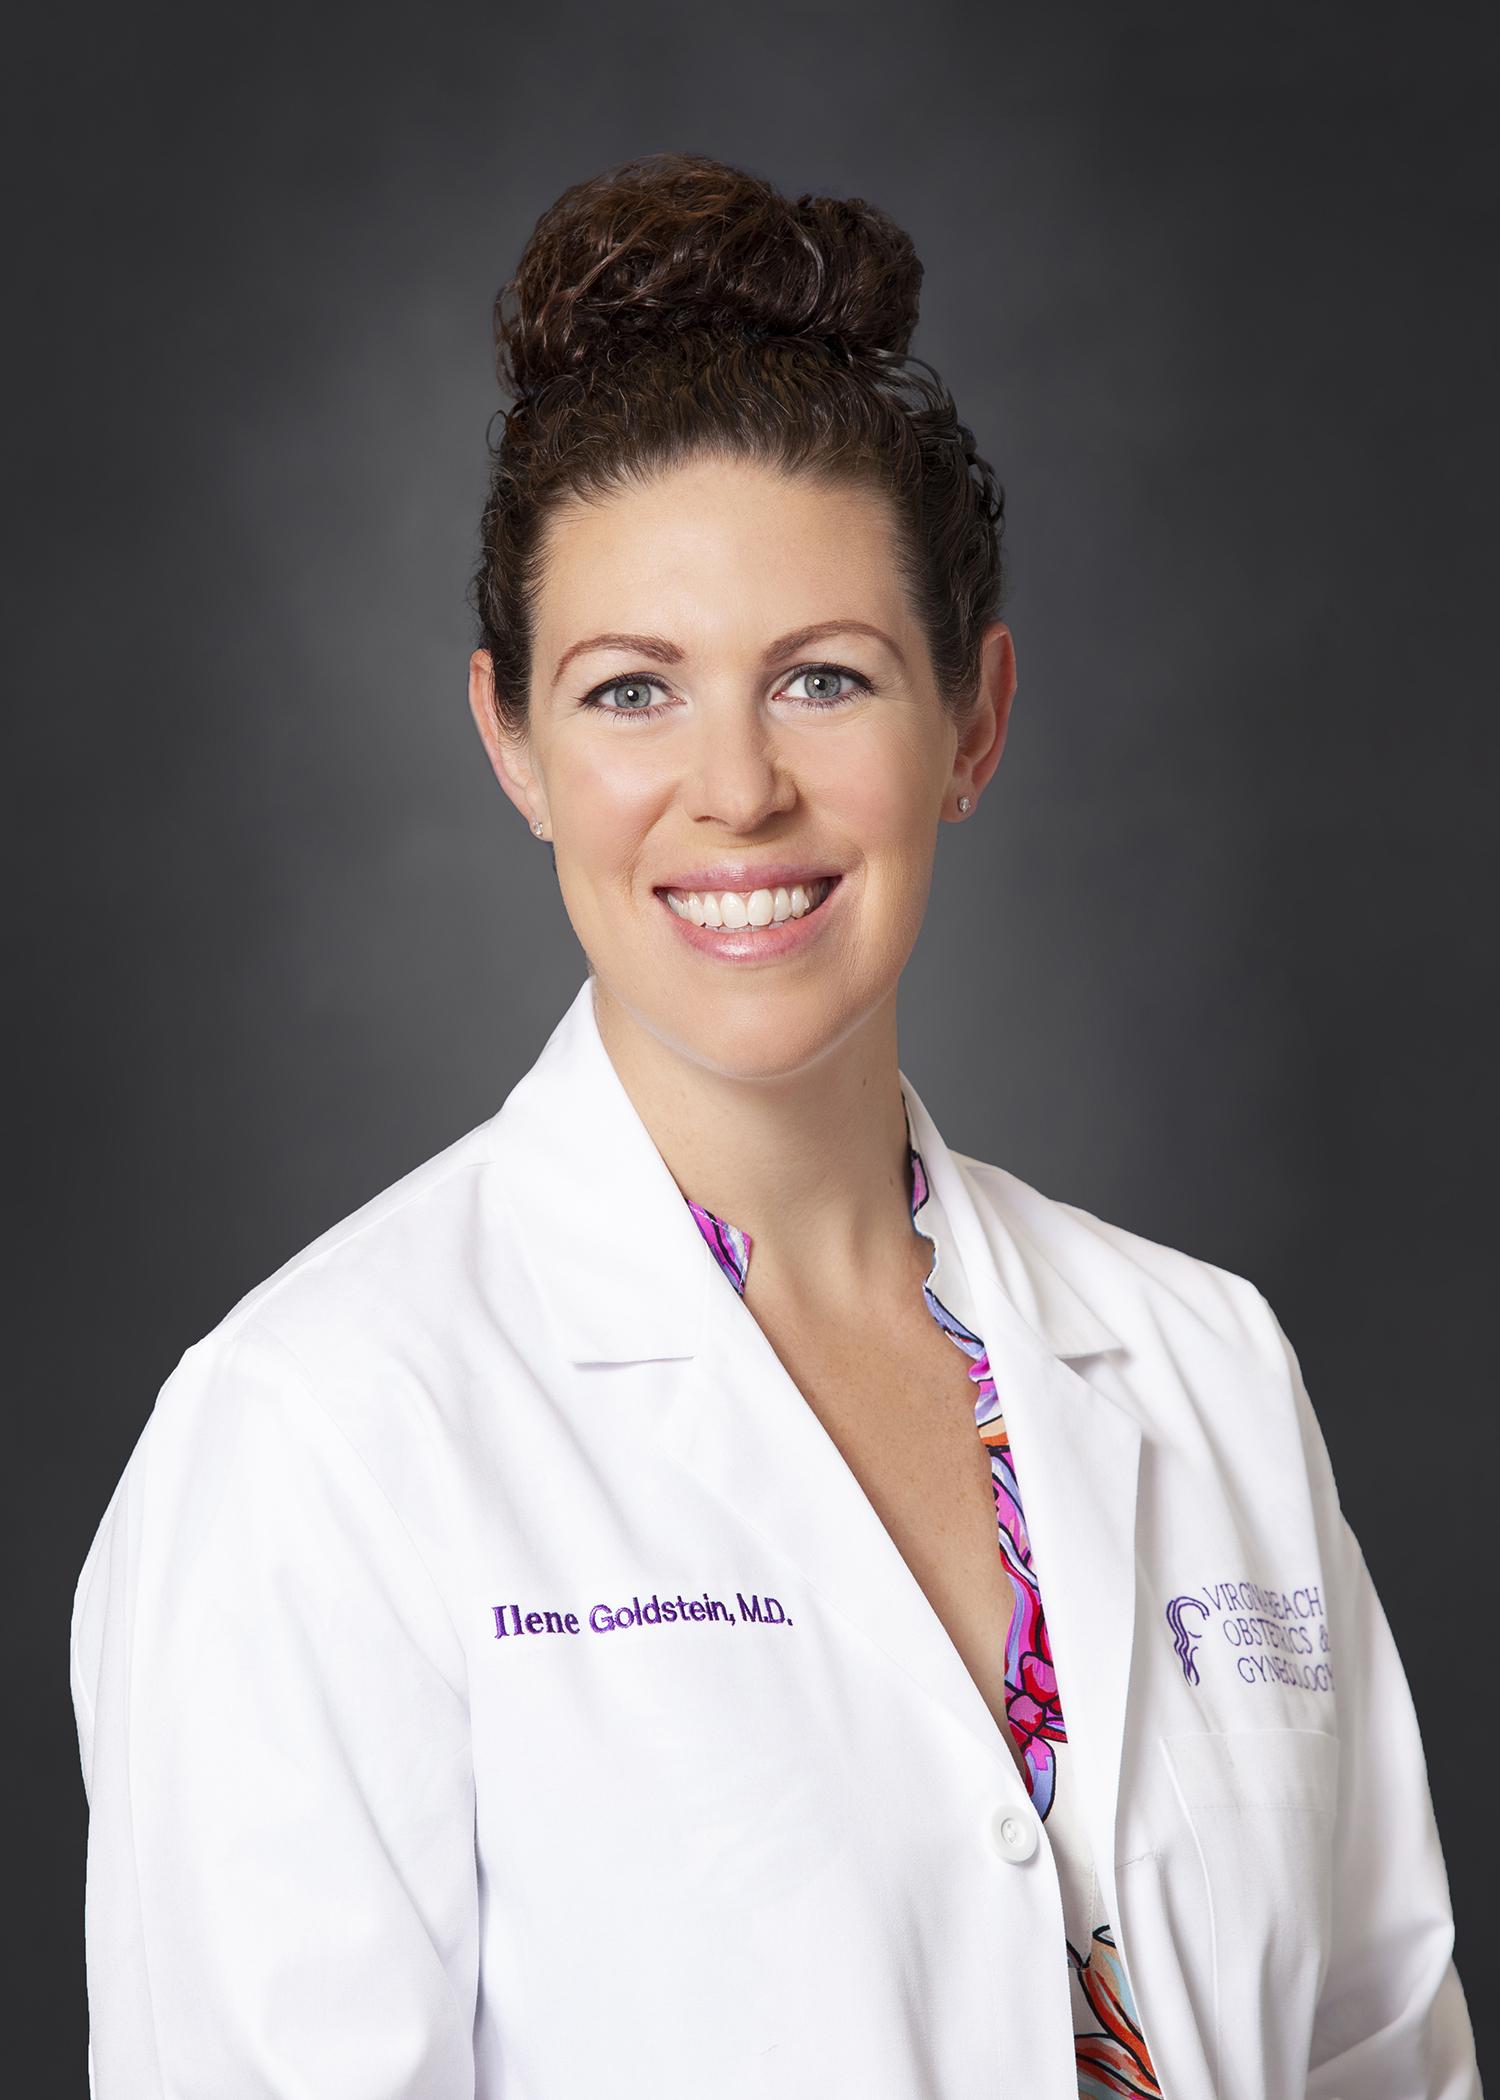 Ilene Goldstein MD, FACOG - Virginia Beach OBGYN